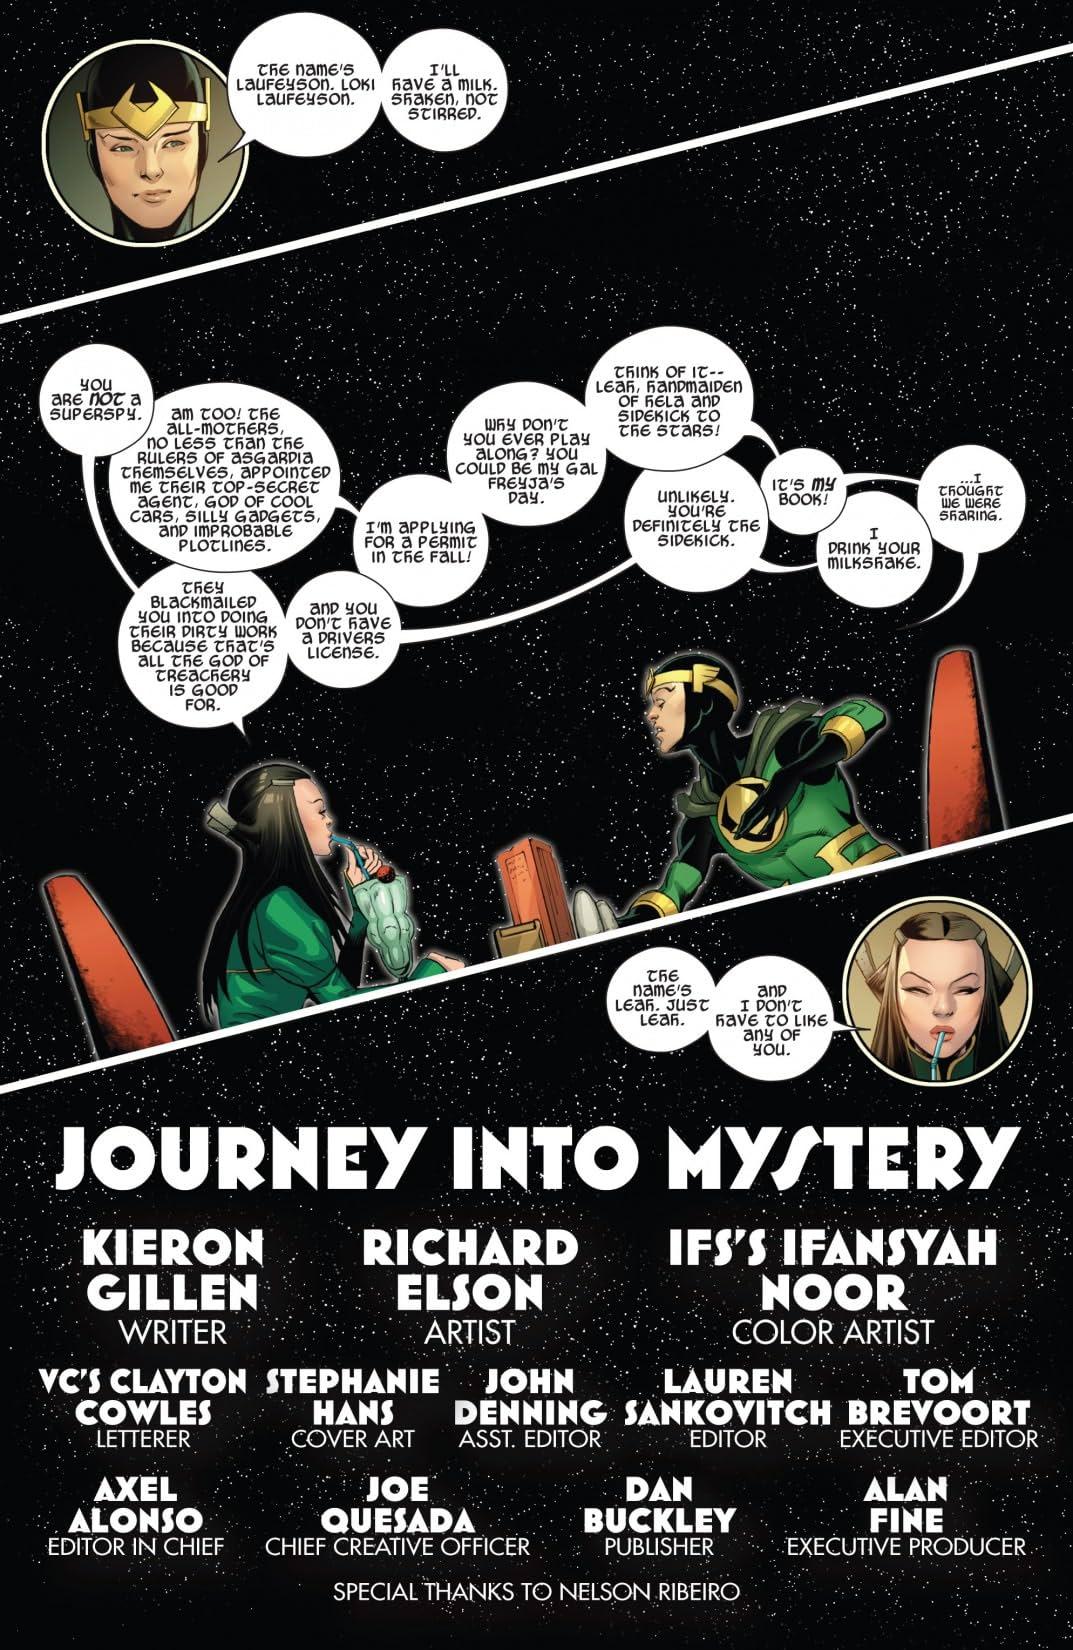 Journey Into Mystery: Manchester Gods